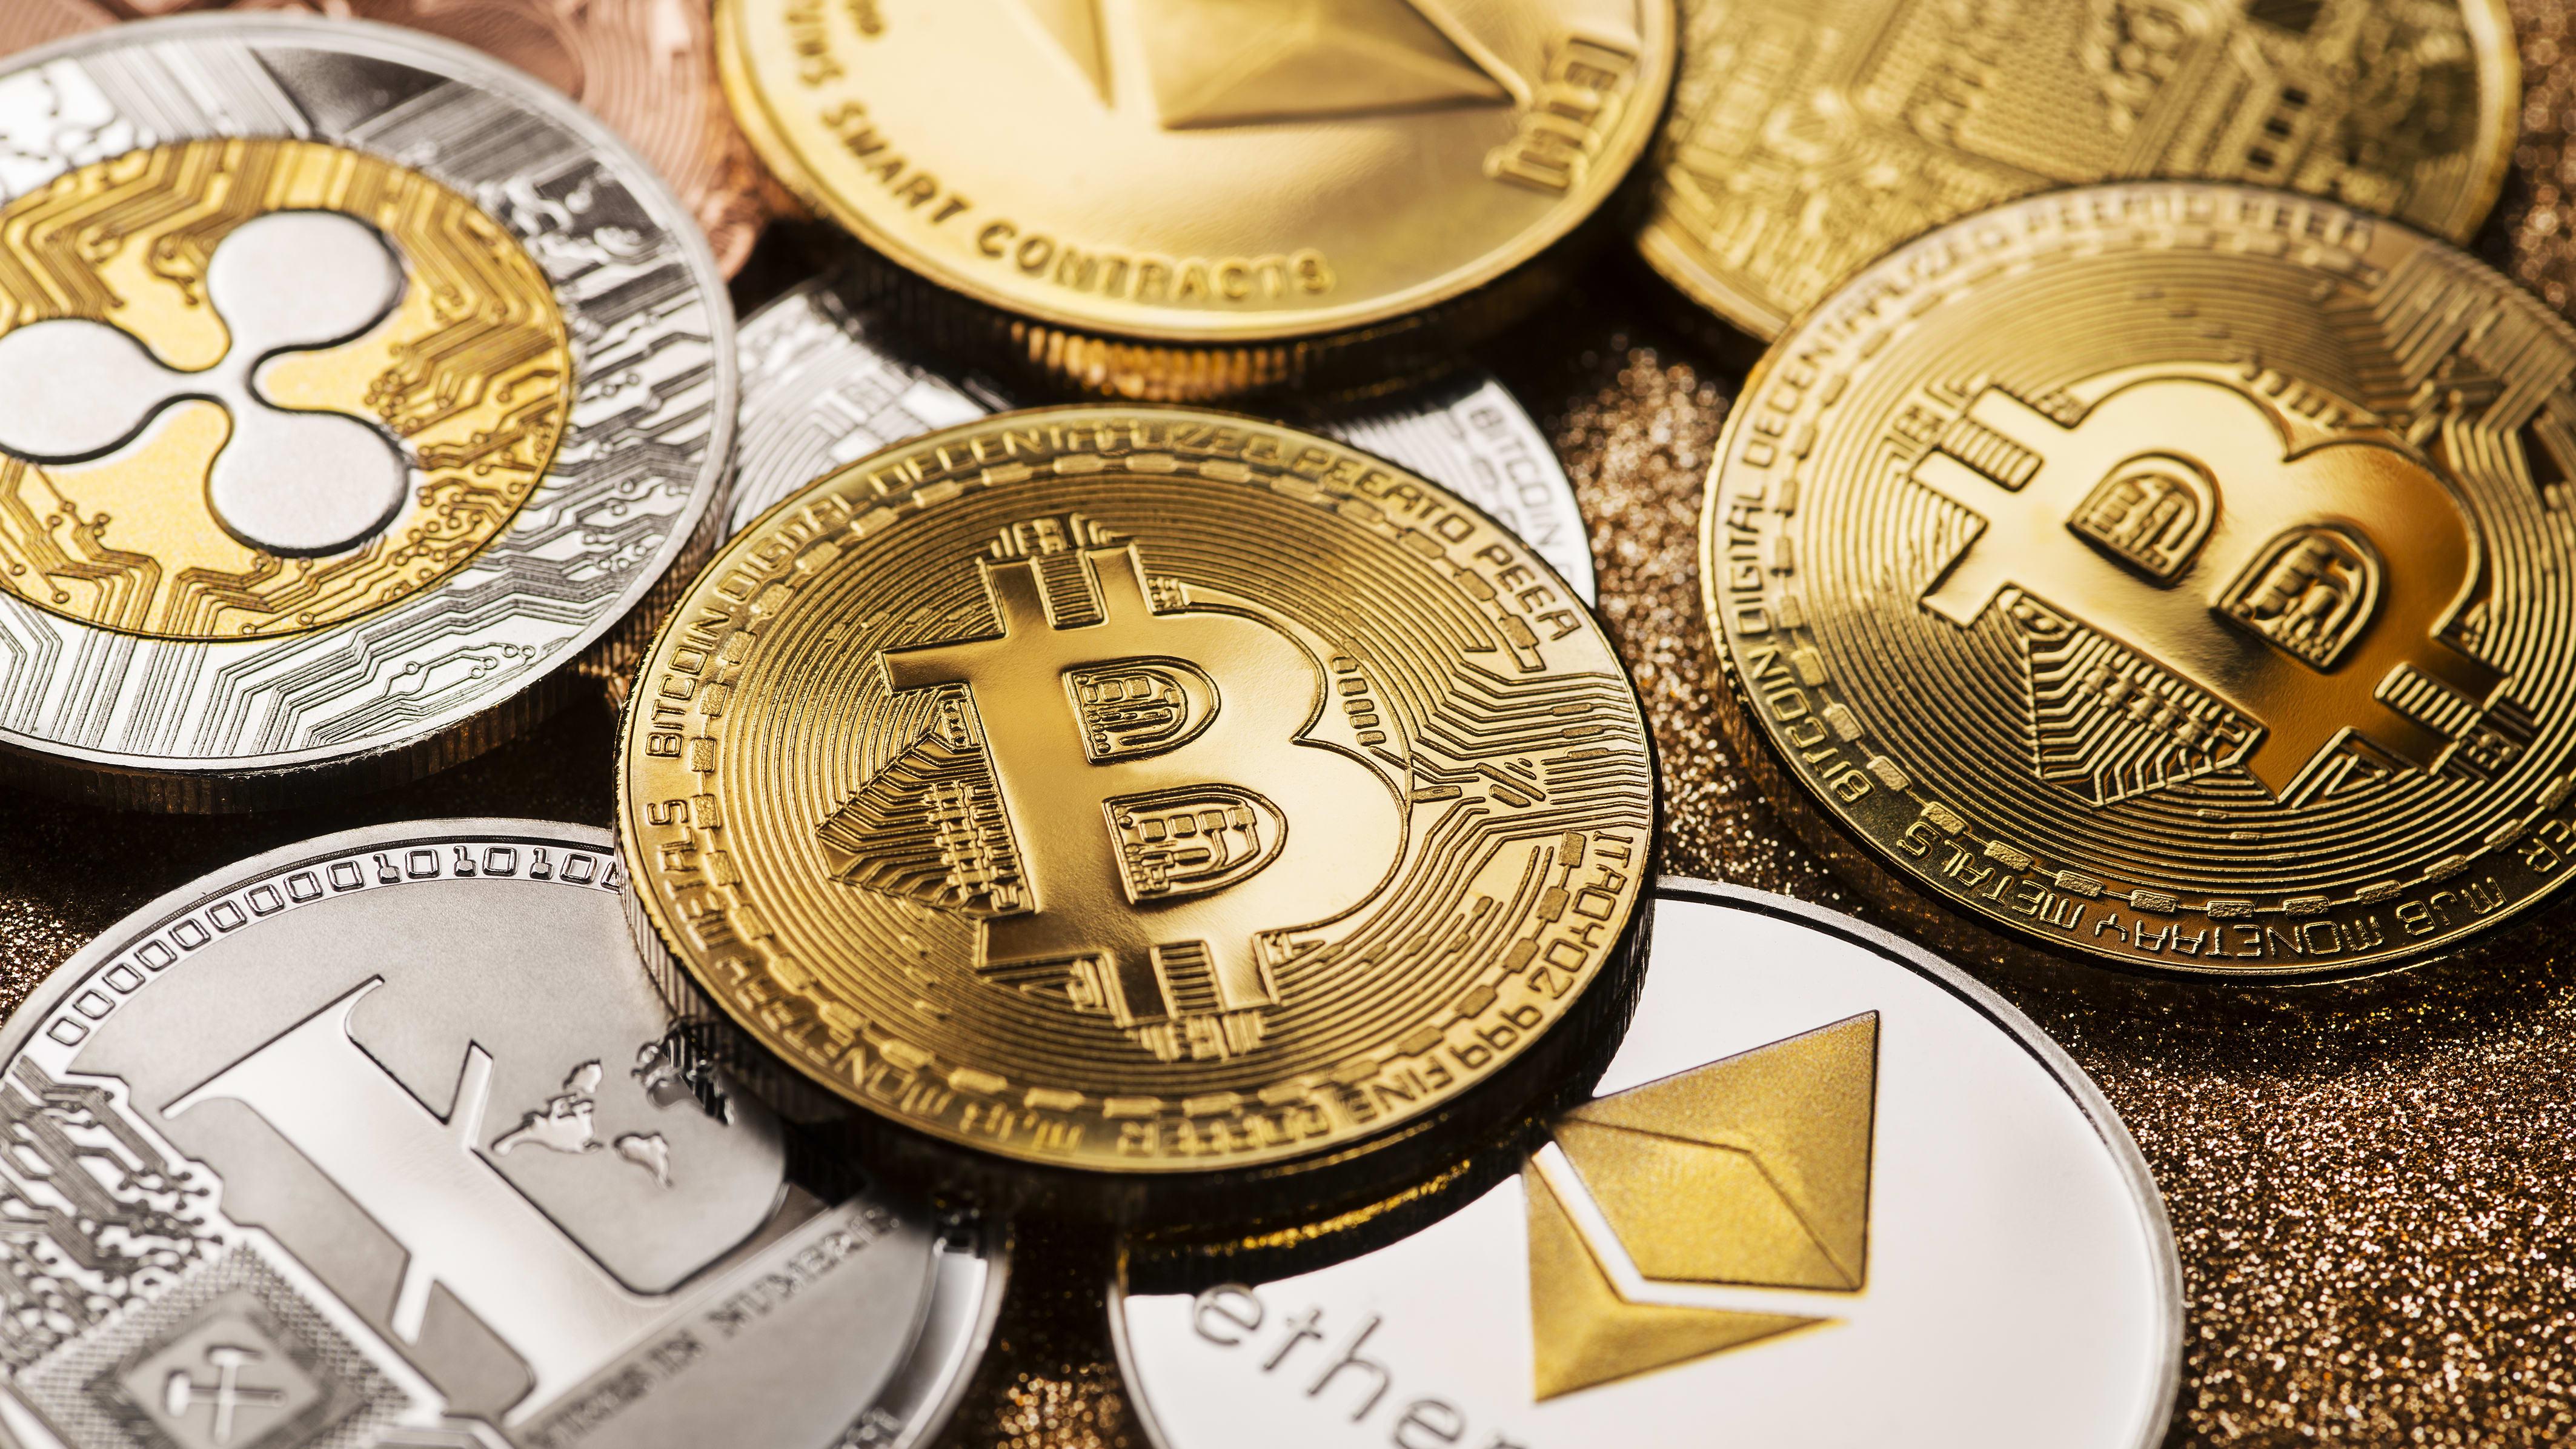 co a bitcoin)